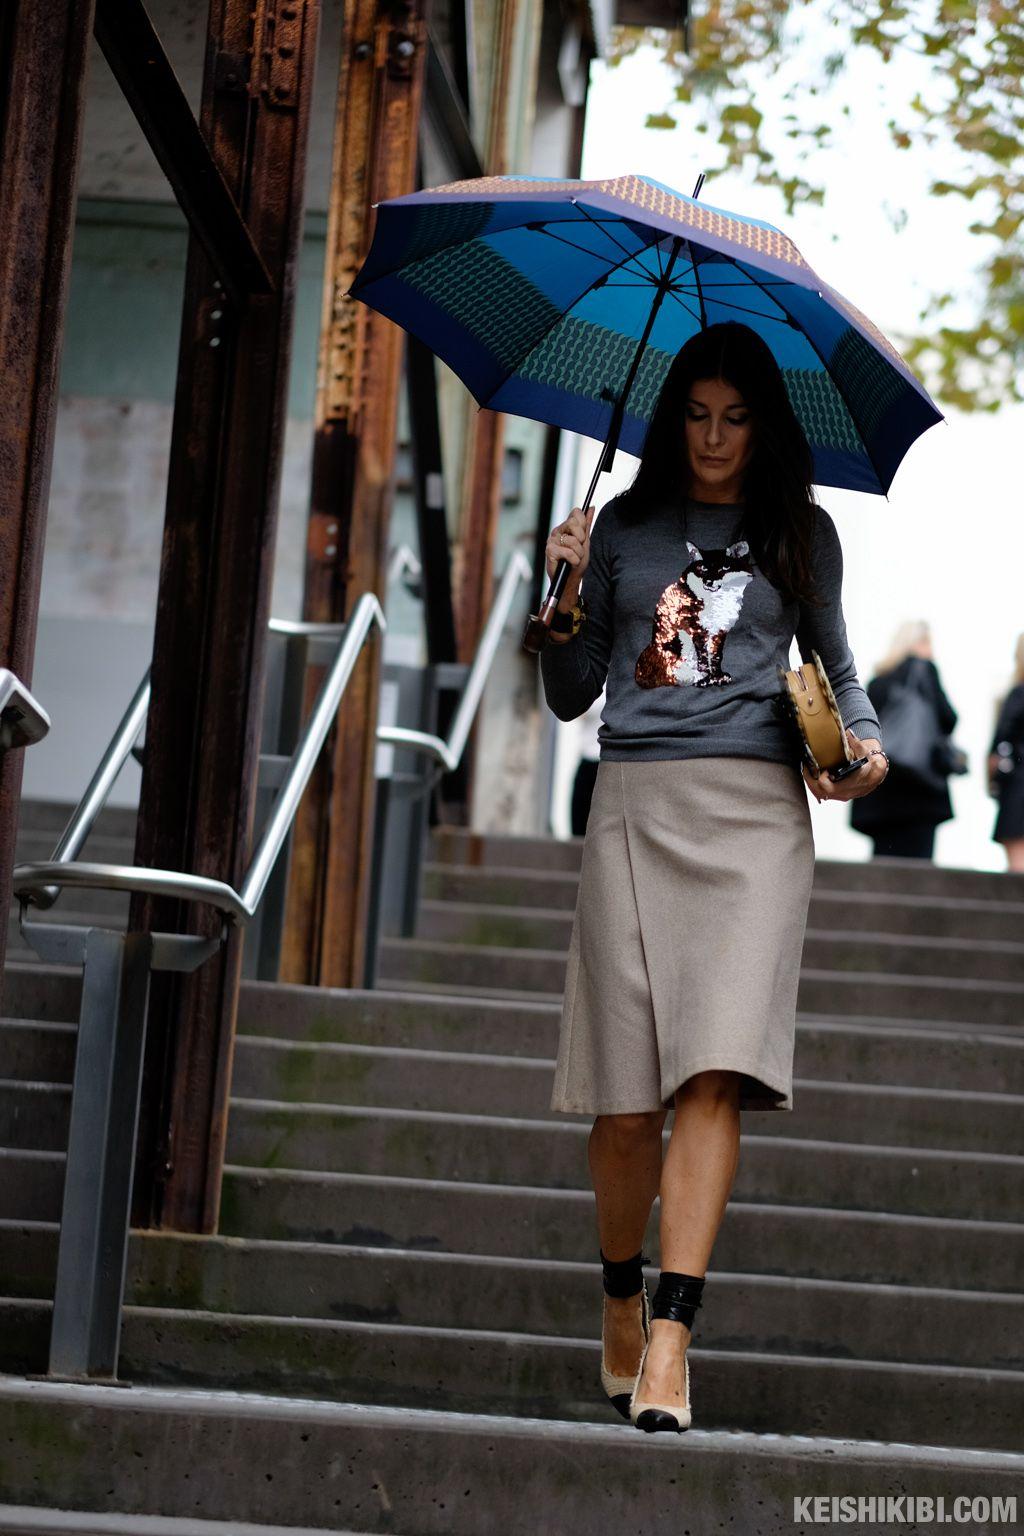 chic in the rain